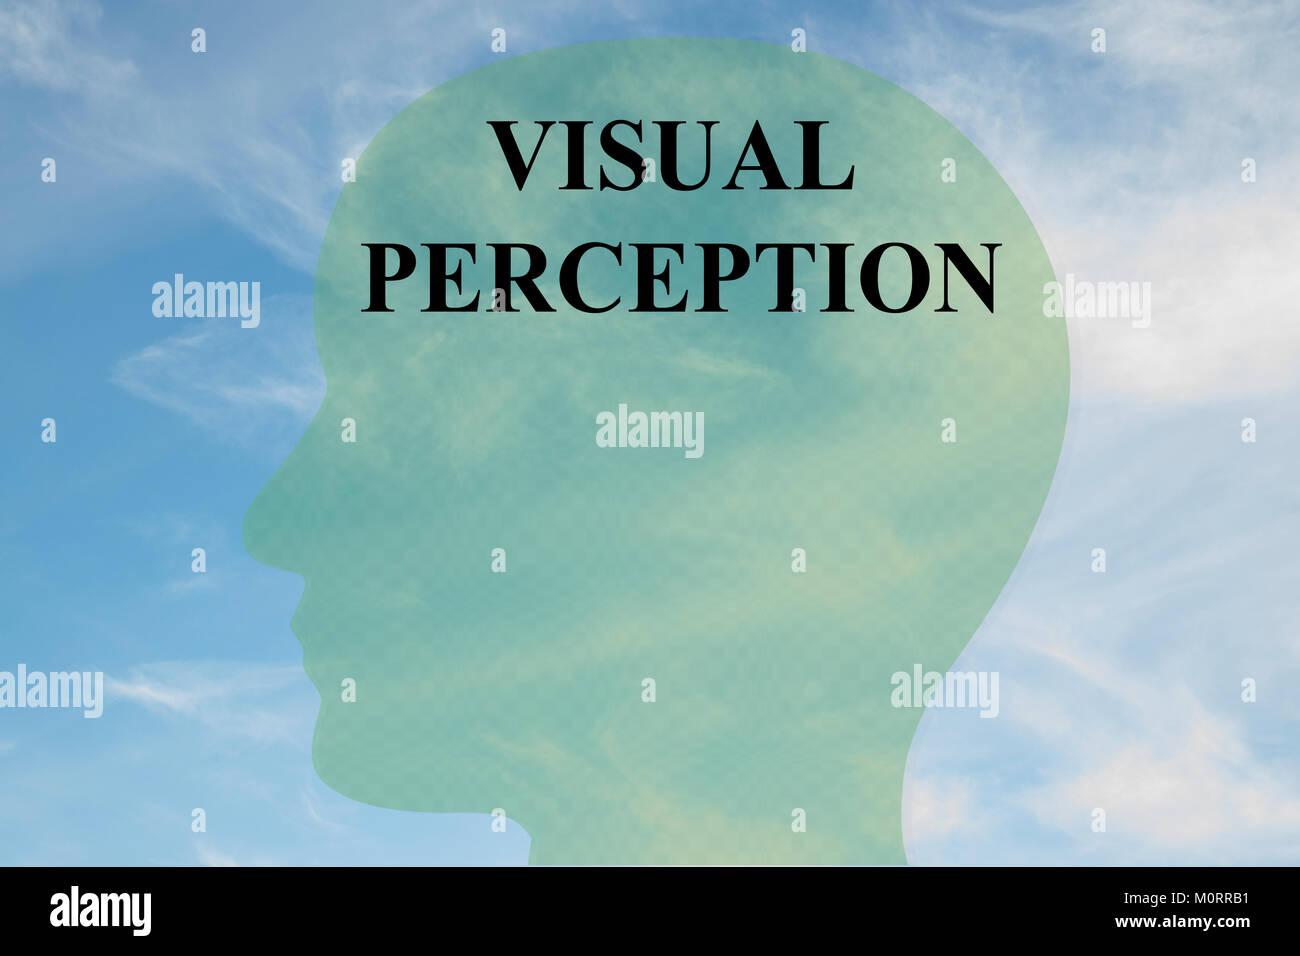 Render Abbildung der visuellen Wahrnehmung Titel auf dem Kopf silhouette, mit bewölktem Himmel als Hintergrund. Stockbild